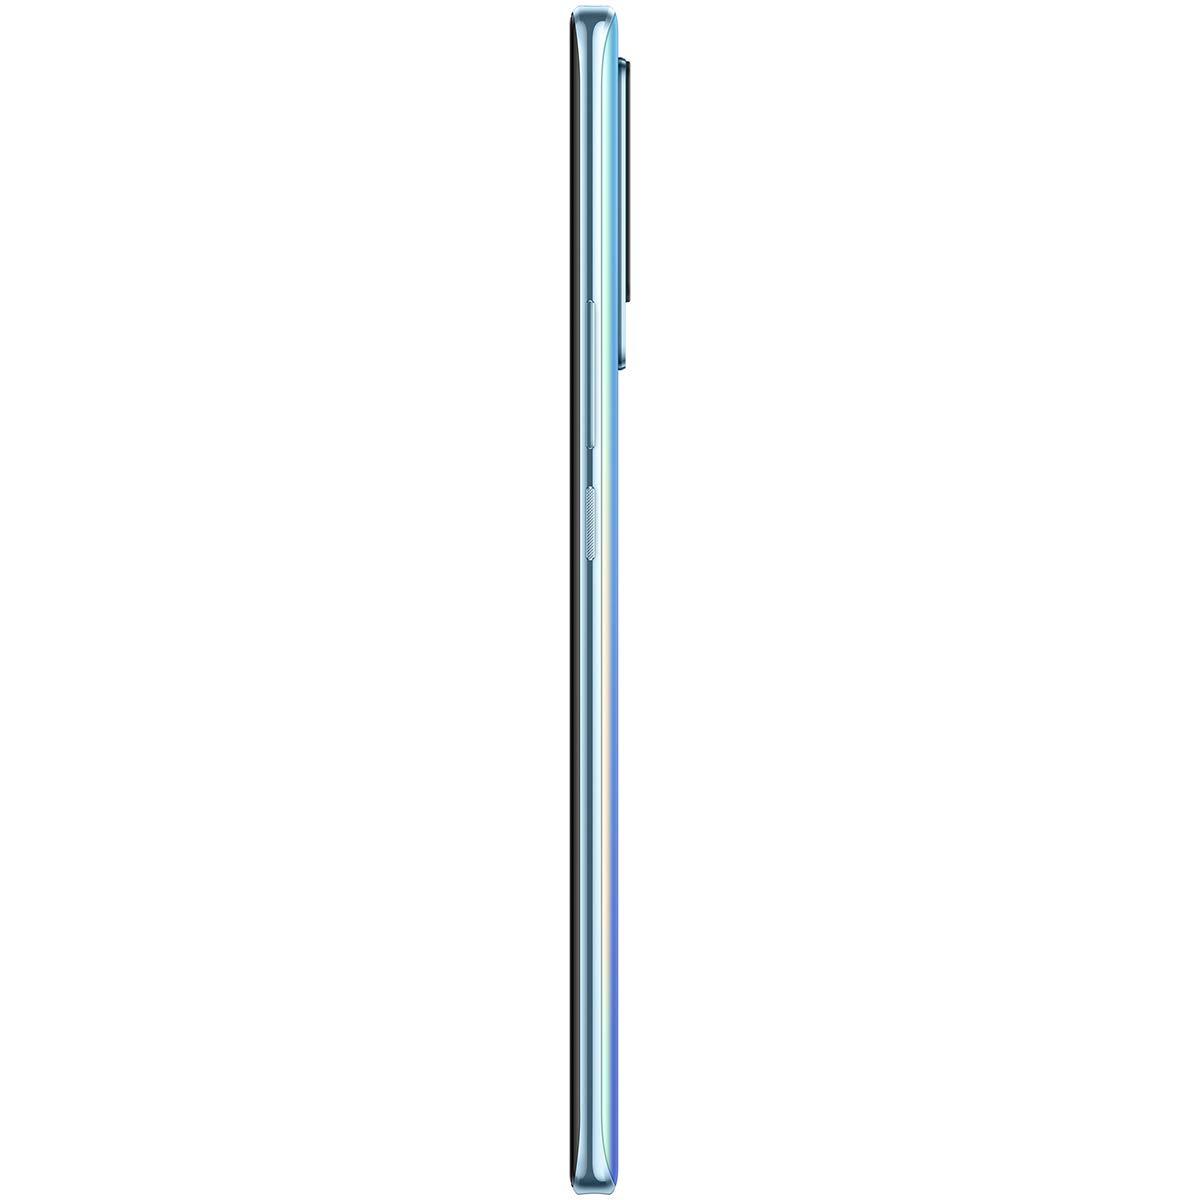 Vivo X60 Shimmer Blue 12GB RAM   256GB